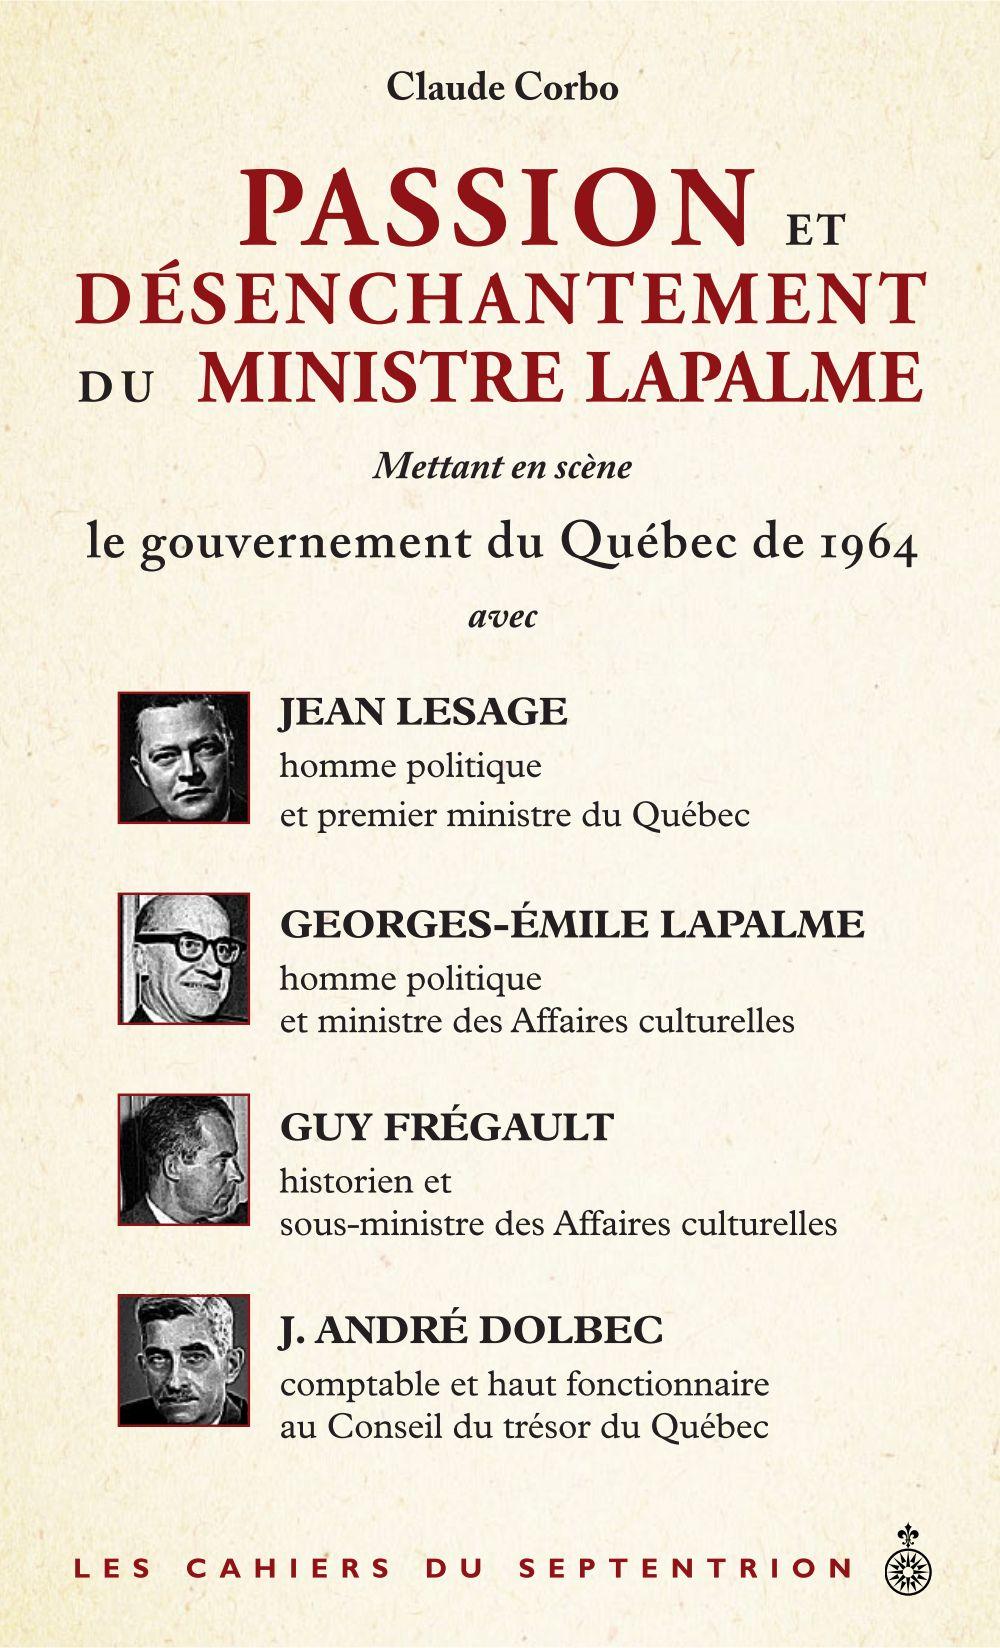 Passion et désenchantement du ministre Lapalme